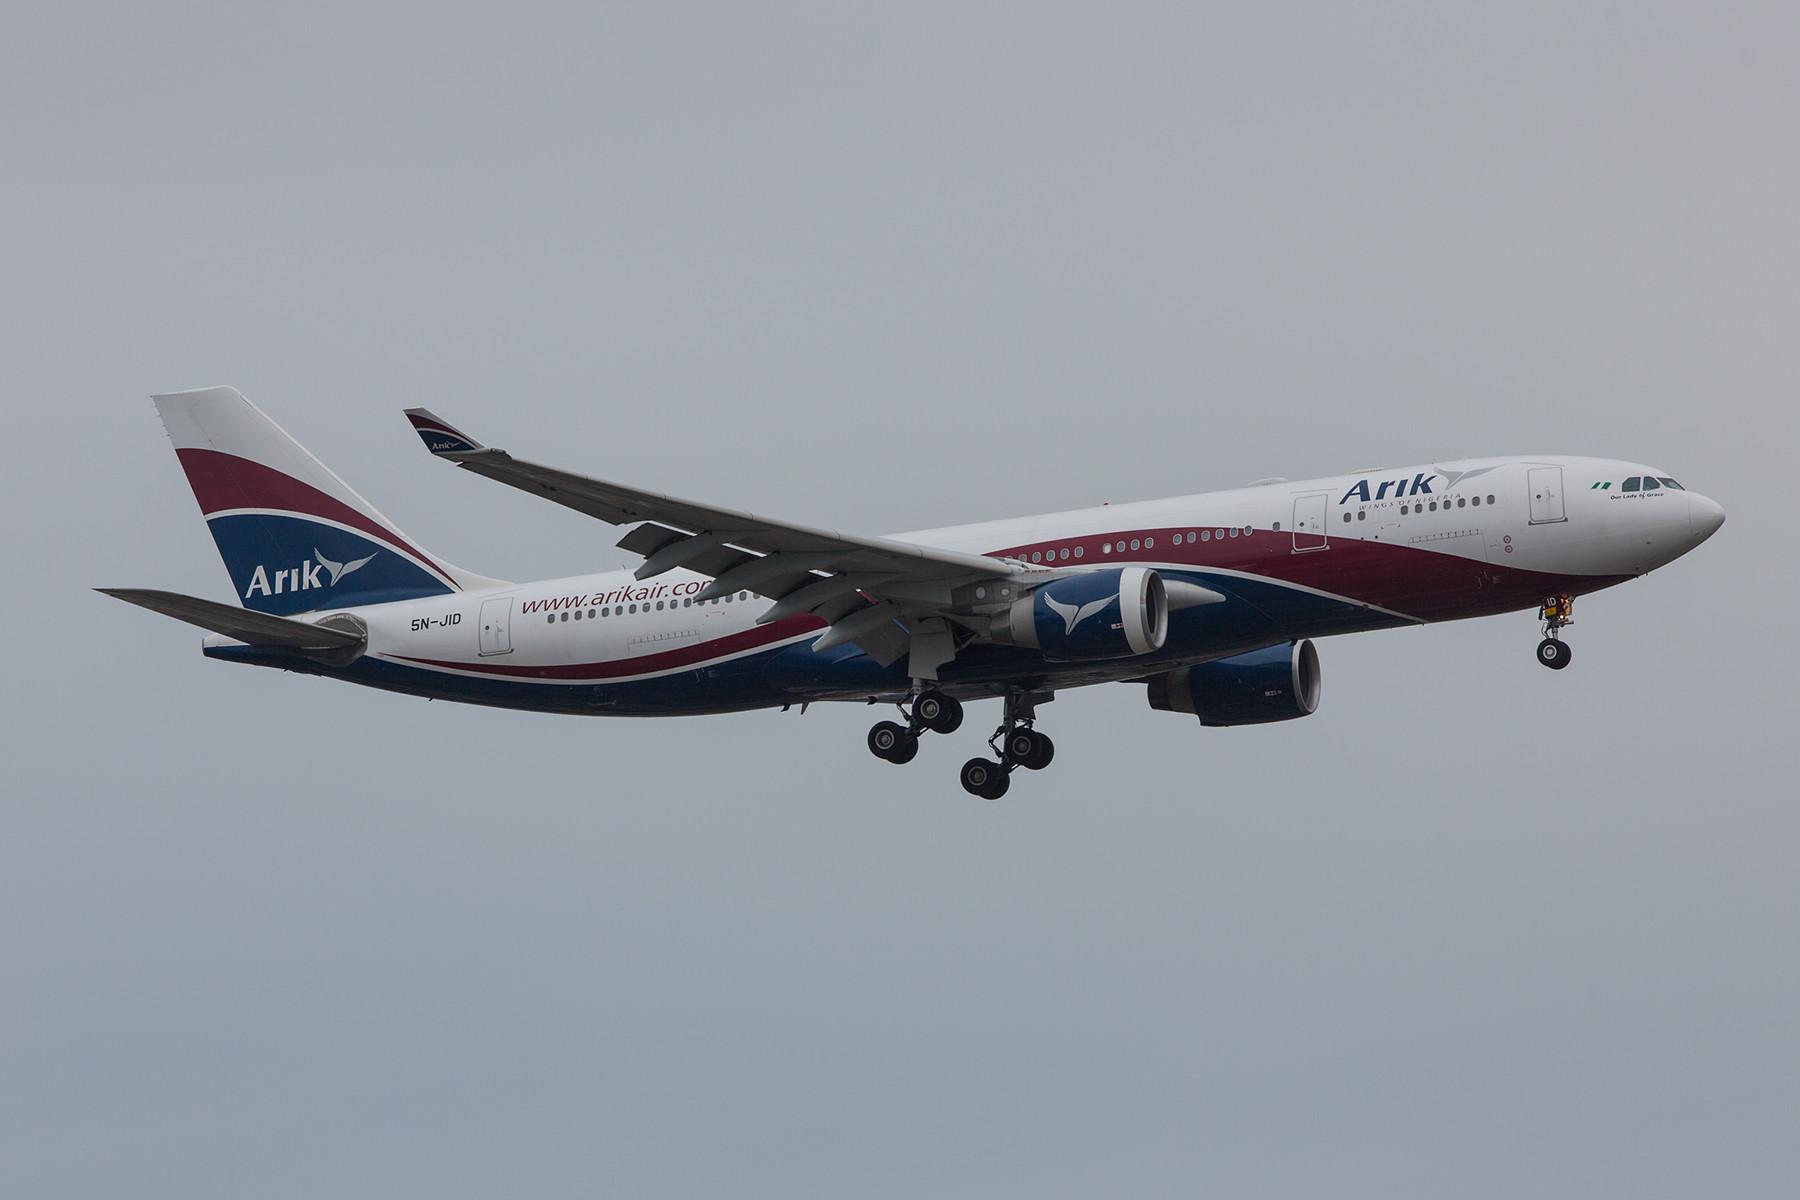 Airk ist die größte Airline aus Nigeria, das Mitglied des Commenwealth ist vorallem wegen seiner reichen Öl- und Gasvorkommen interessant.